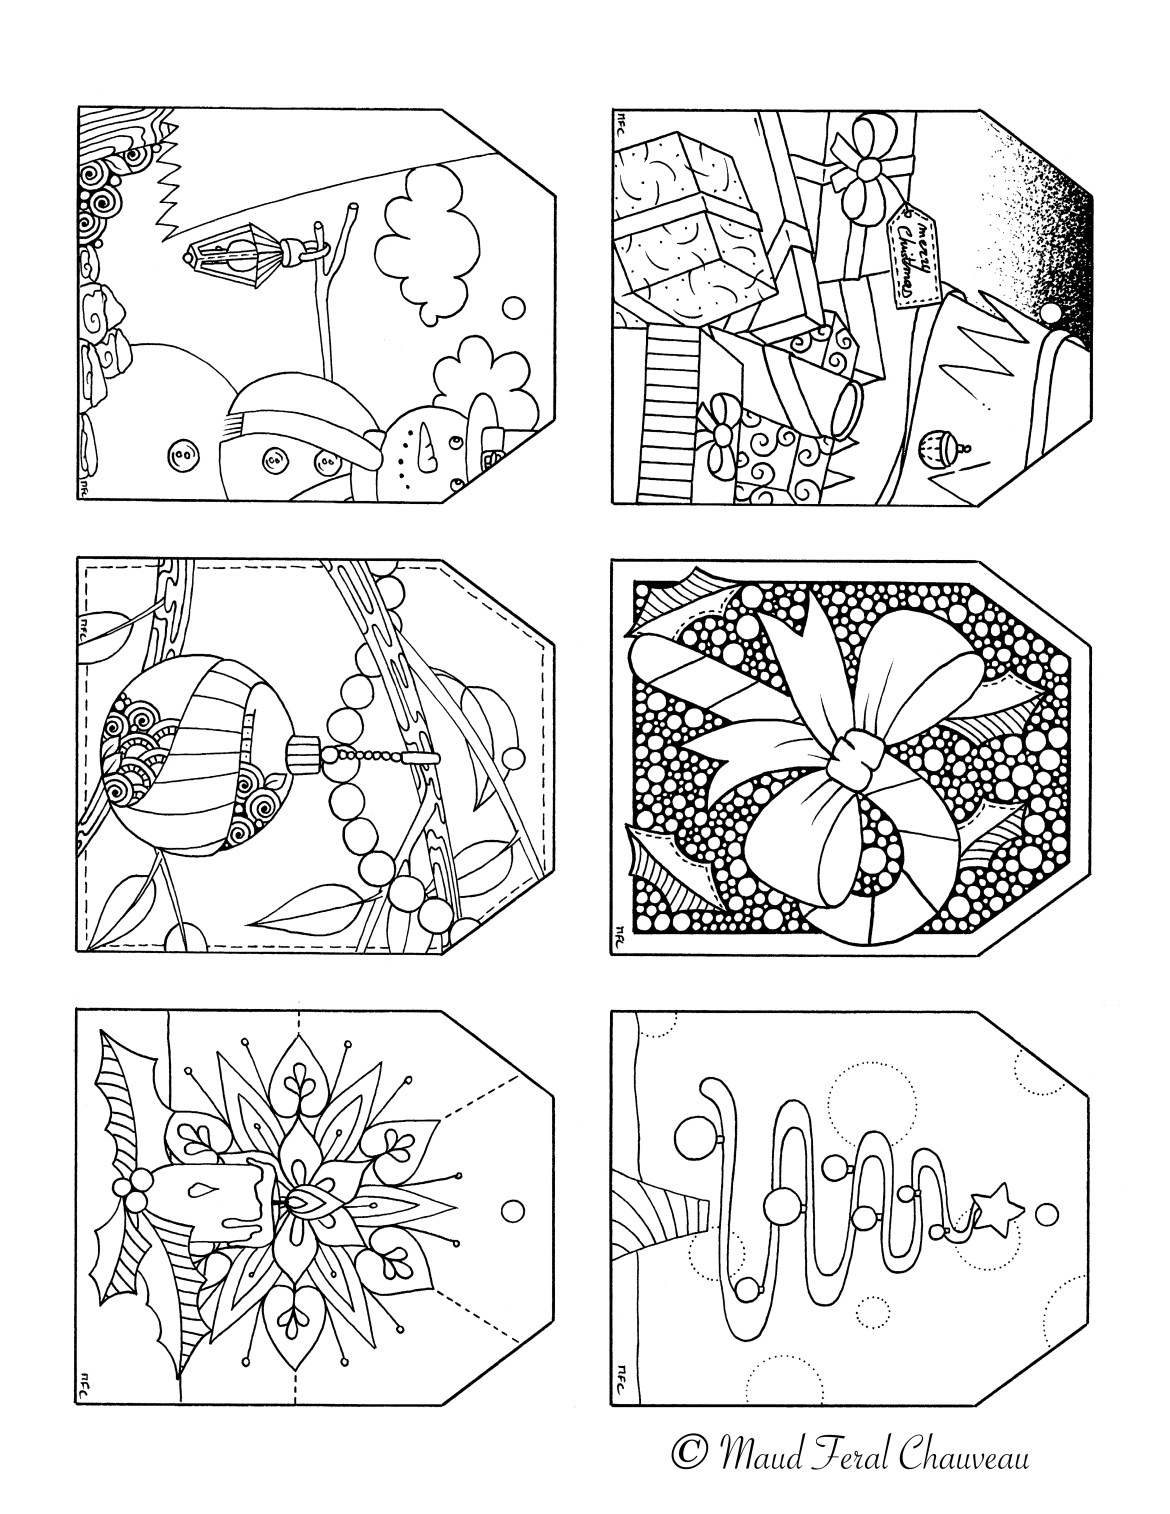 Étiquettes pour cadeaux coloriage noel gratuit par Maud Feral